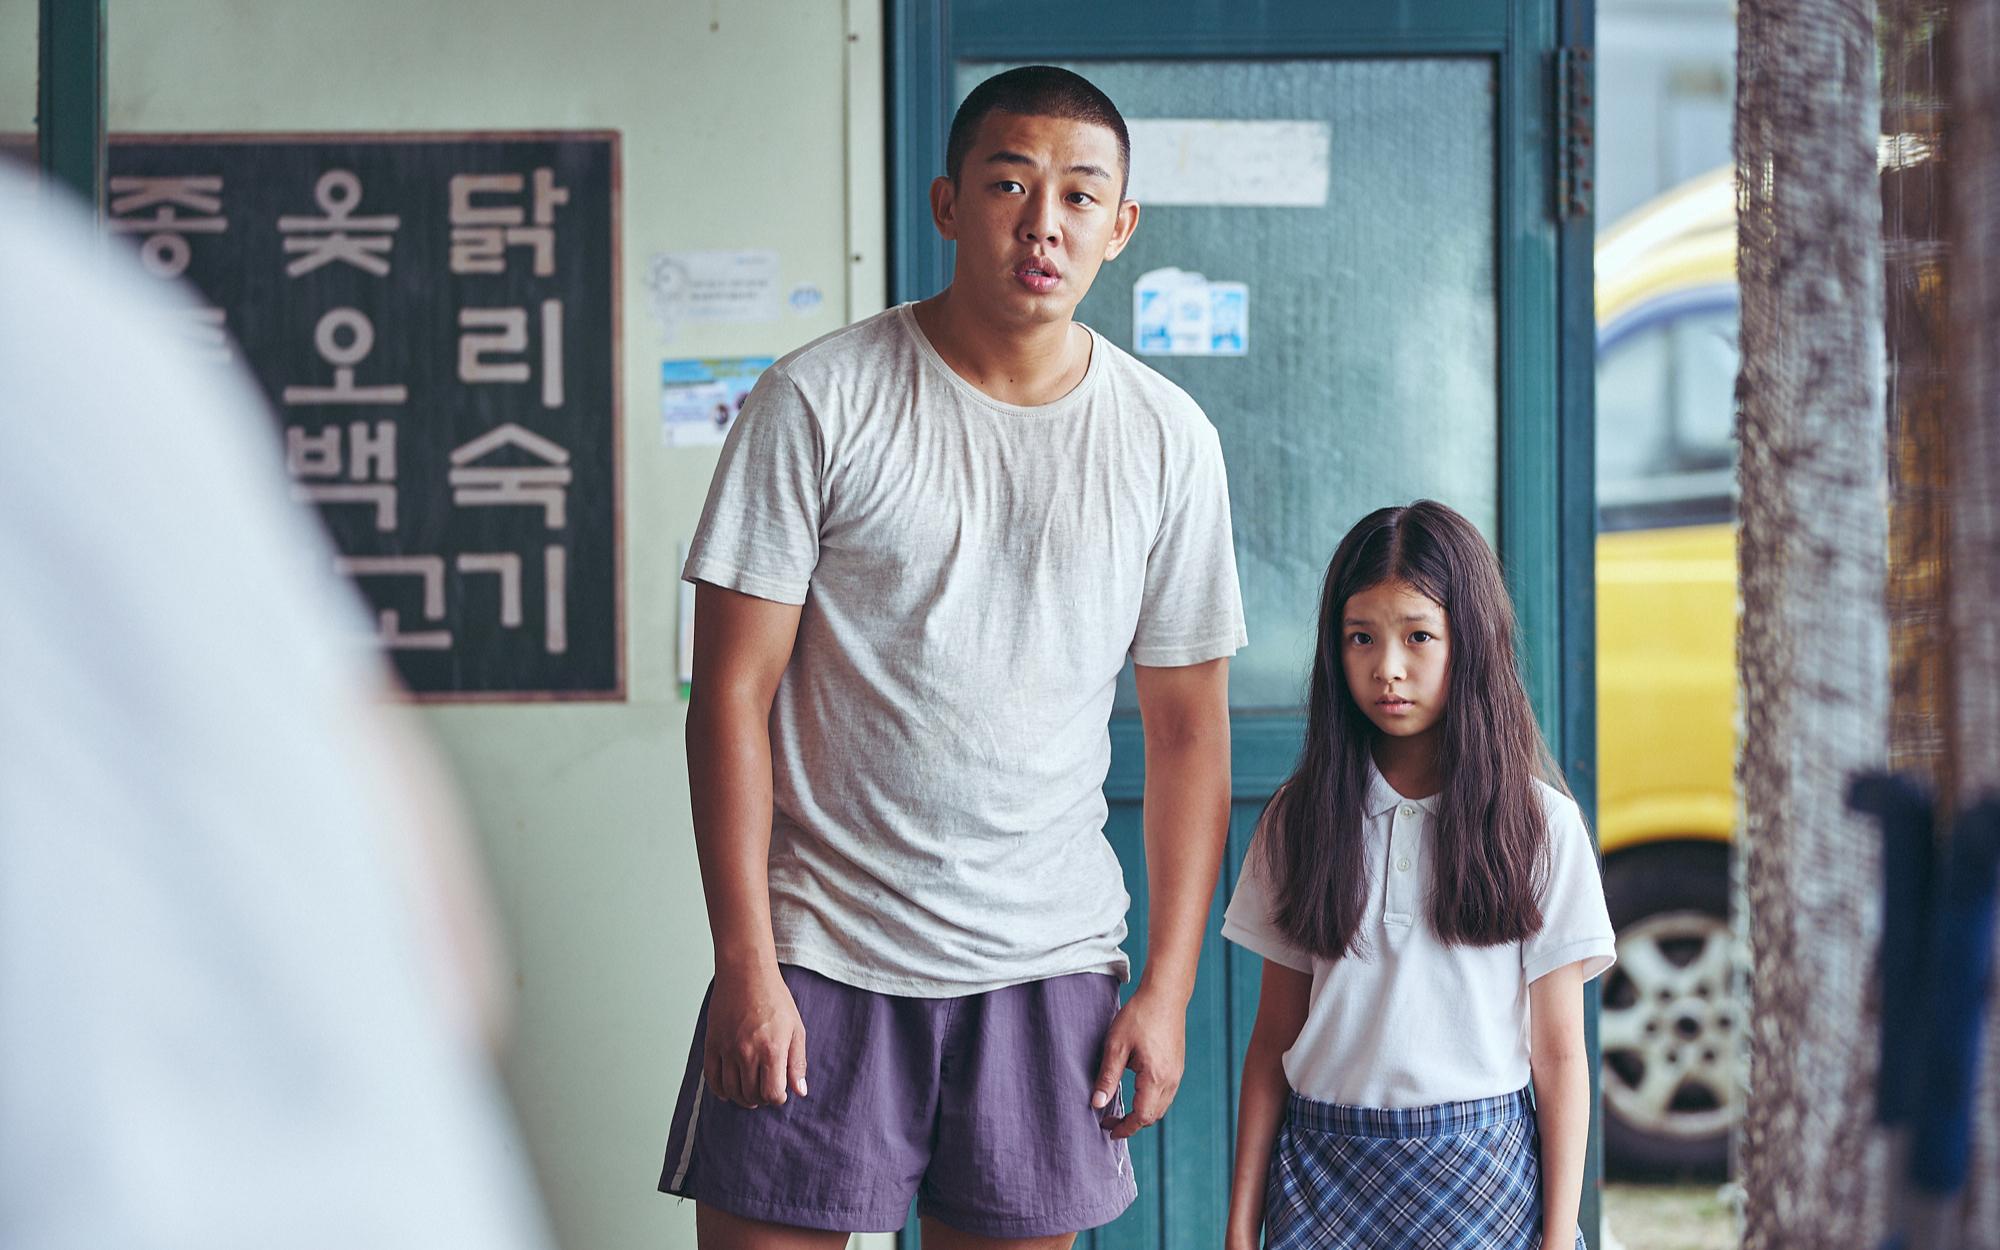 【独家】【何止电影】韩国爆款新片,男主为角色增重40斤《无声》